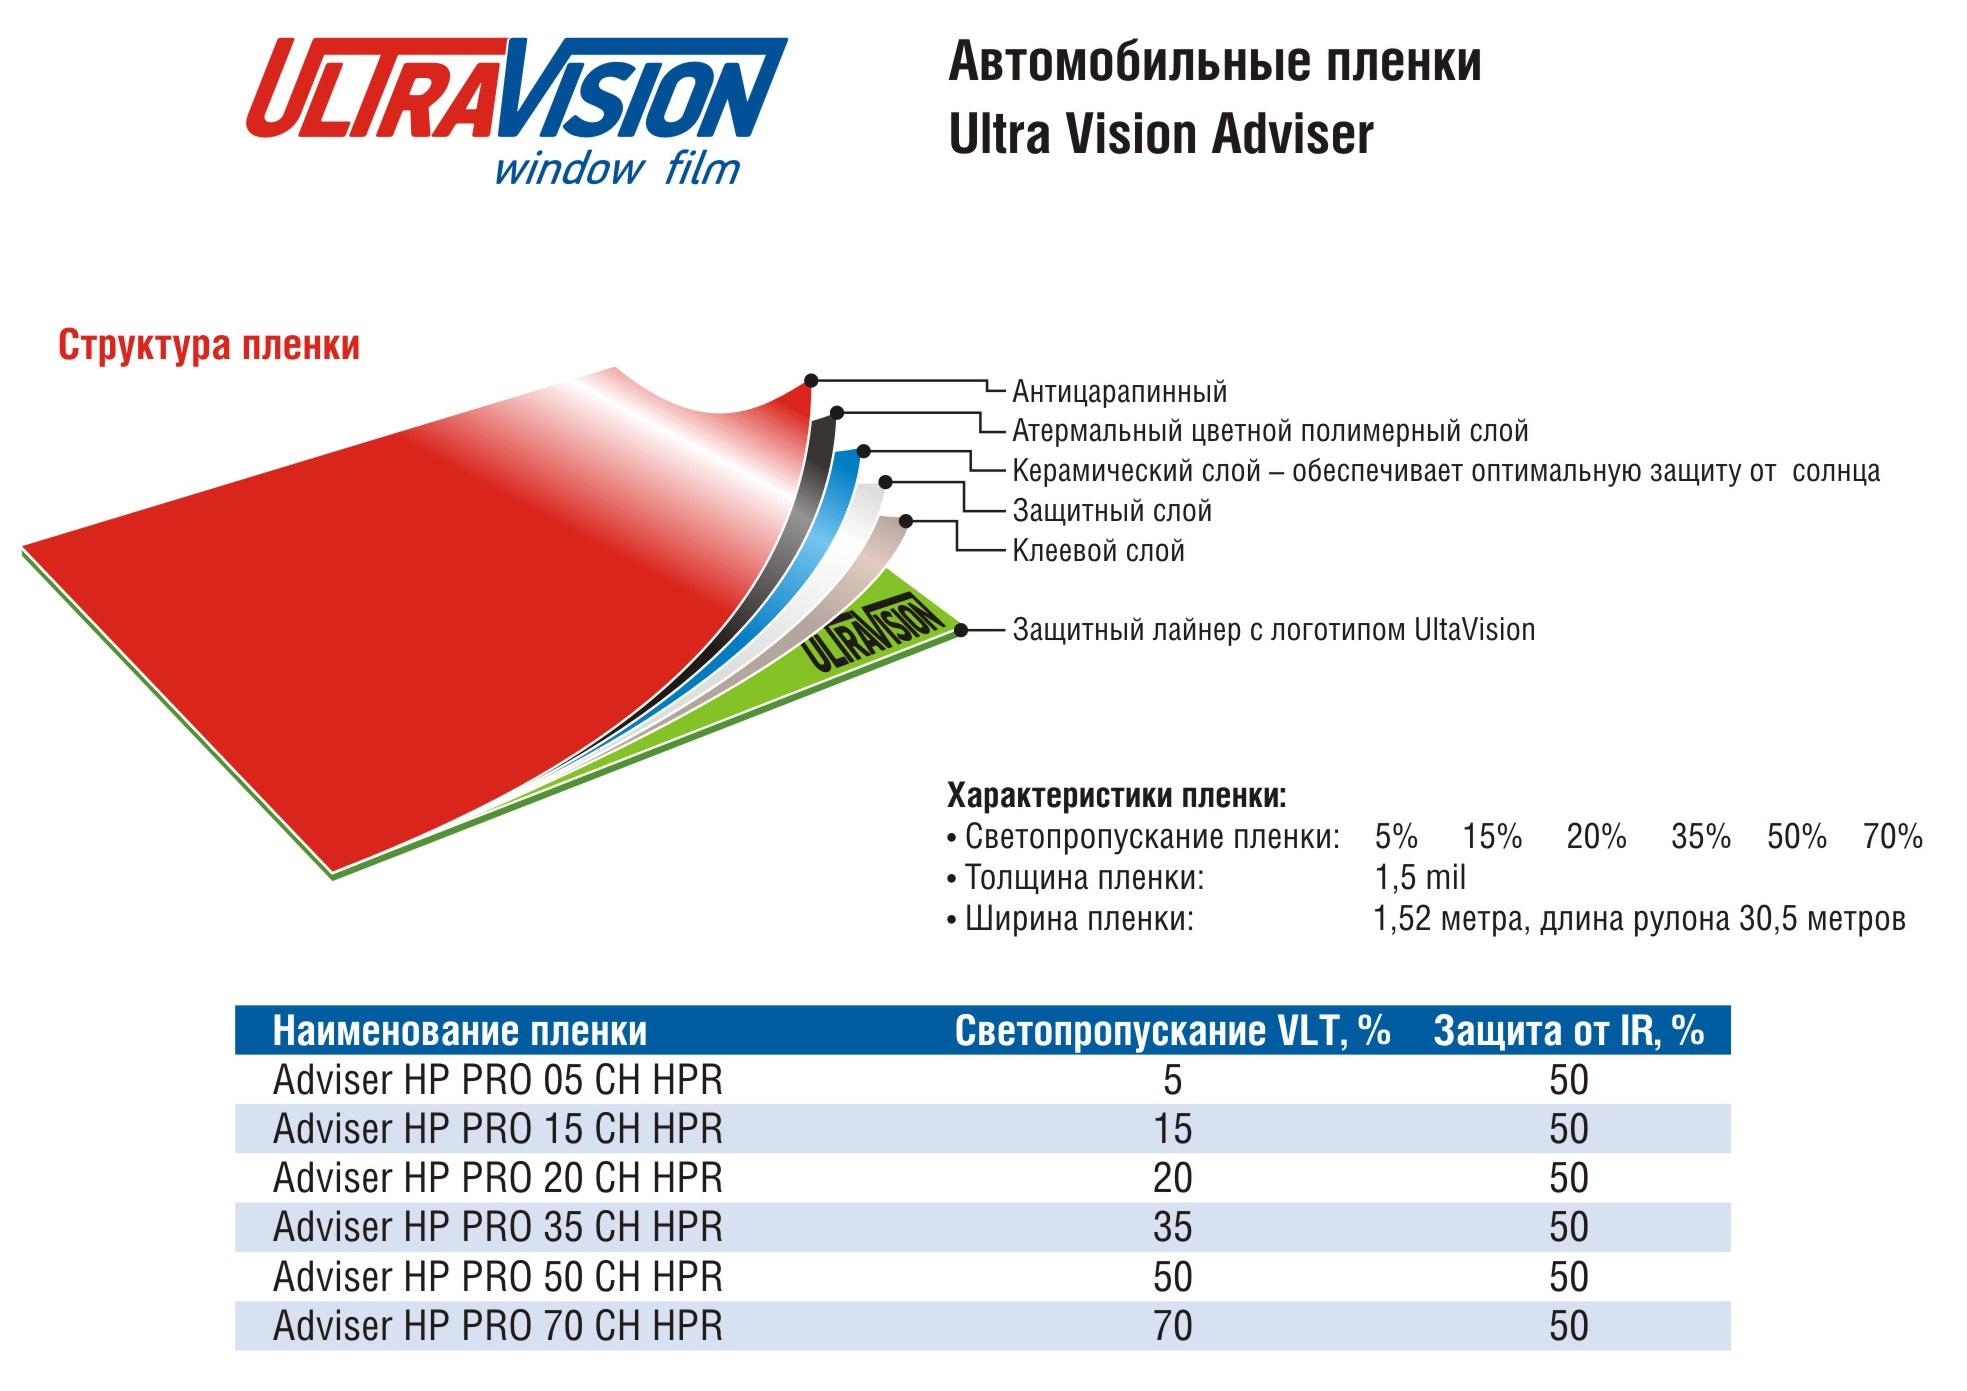 Ultra Vision Adviser